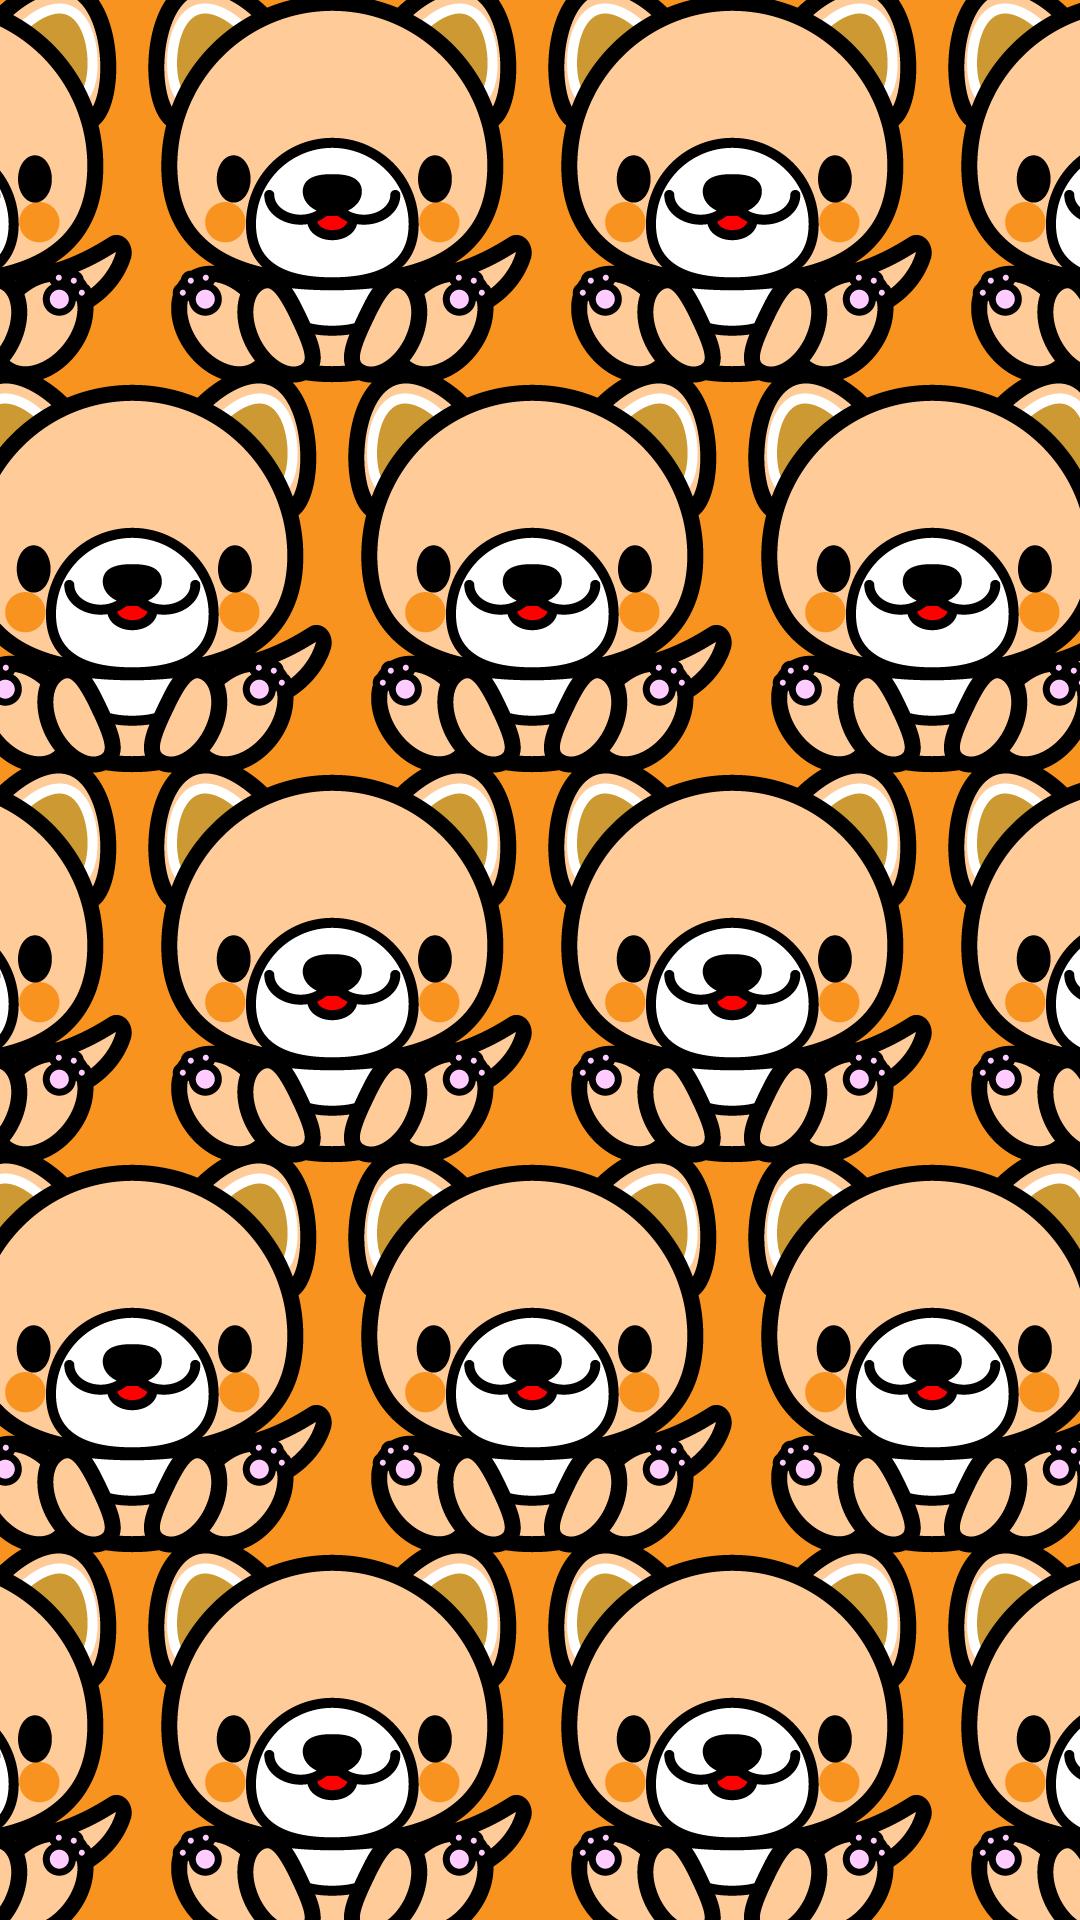 かわいい座り犬づくし・壁紙(iPhone)の無料イラスト・商用フリー